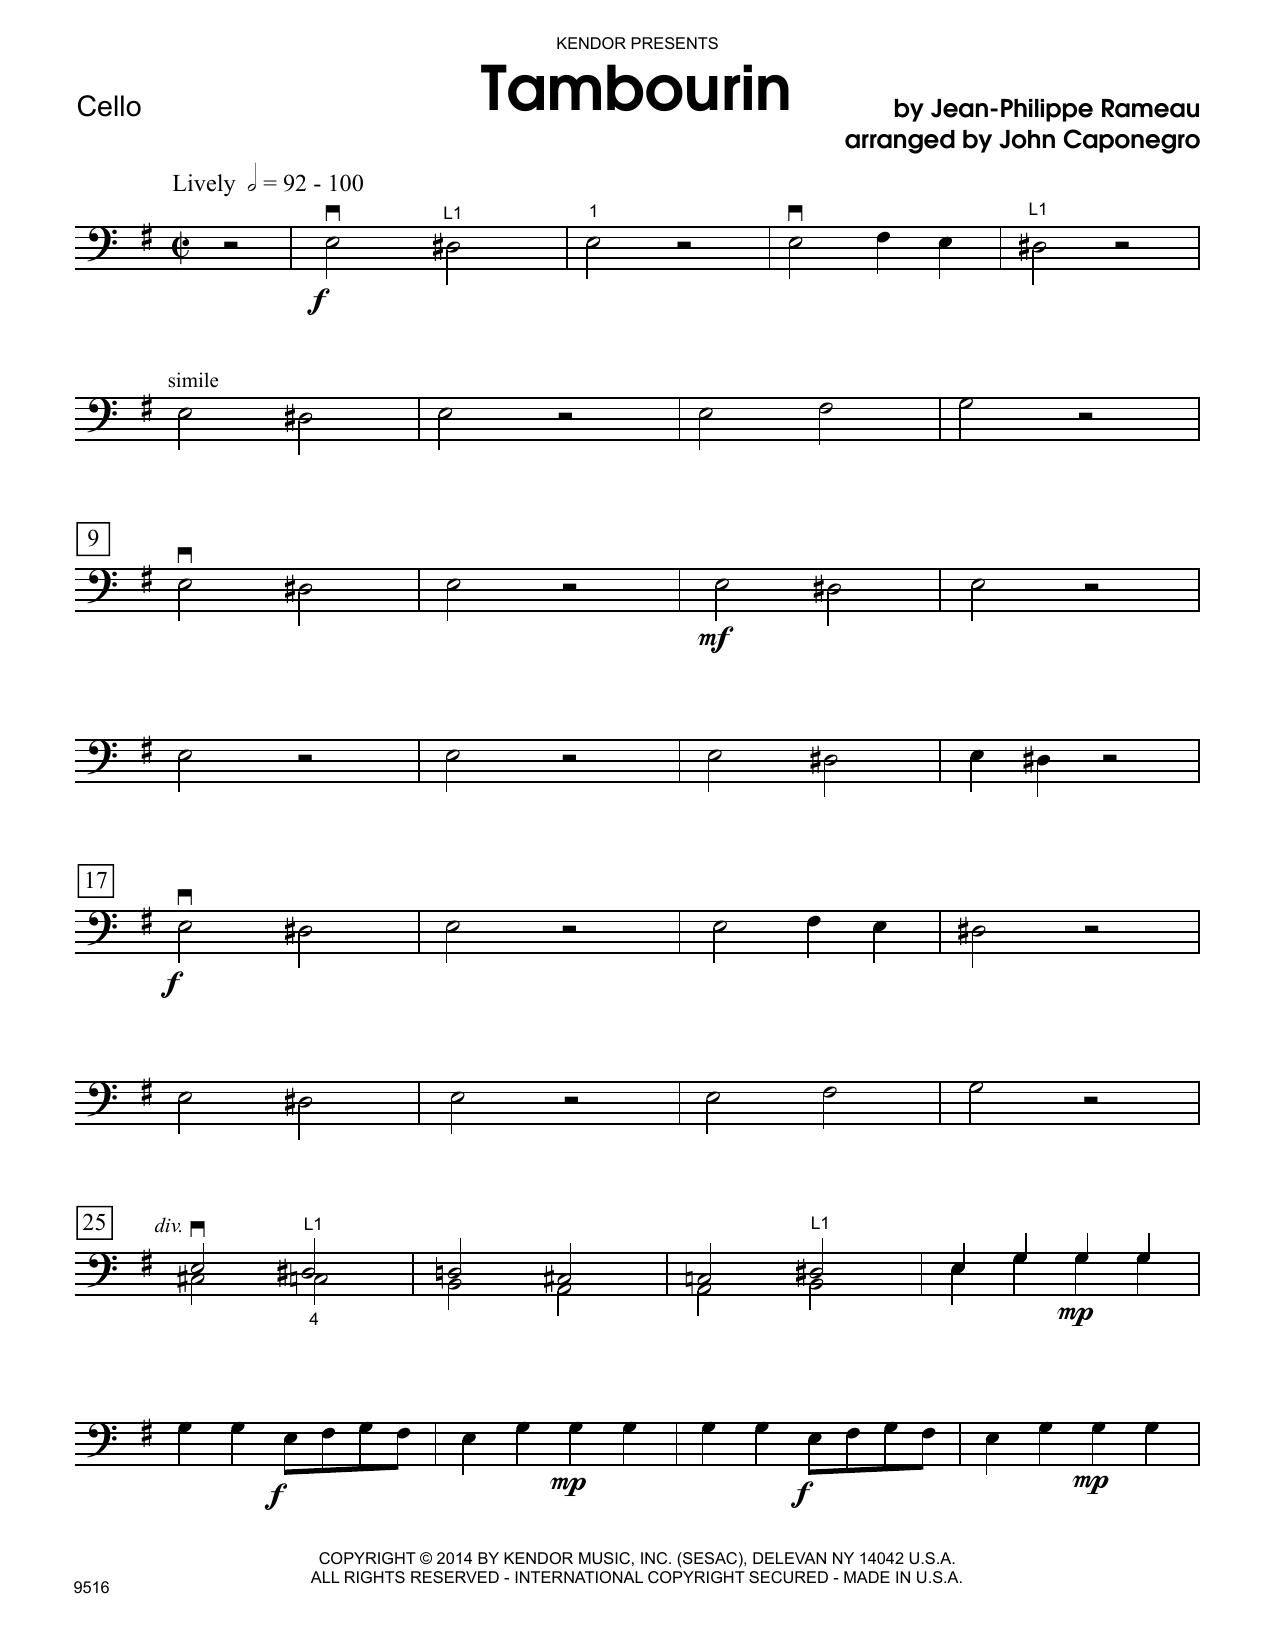 Tambourin - Cello